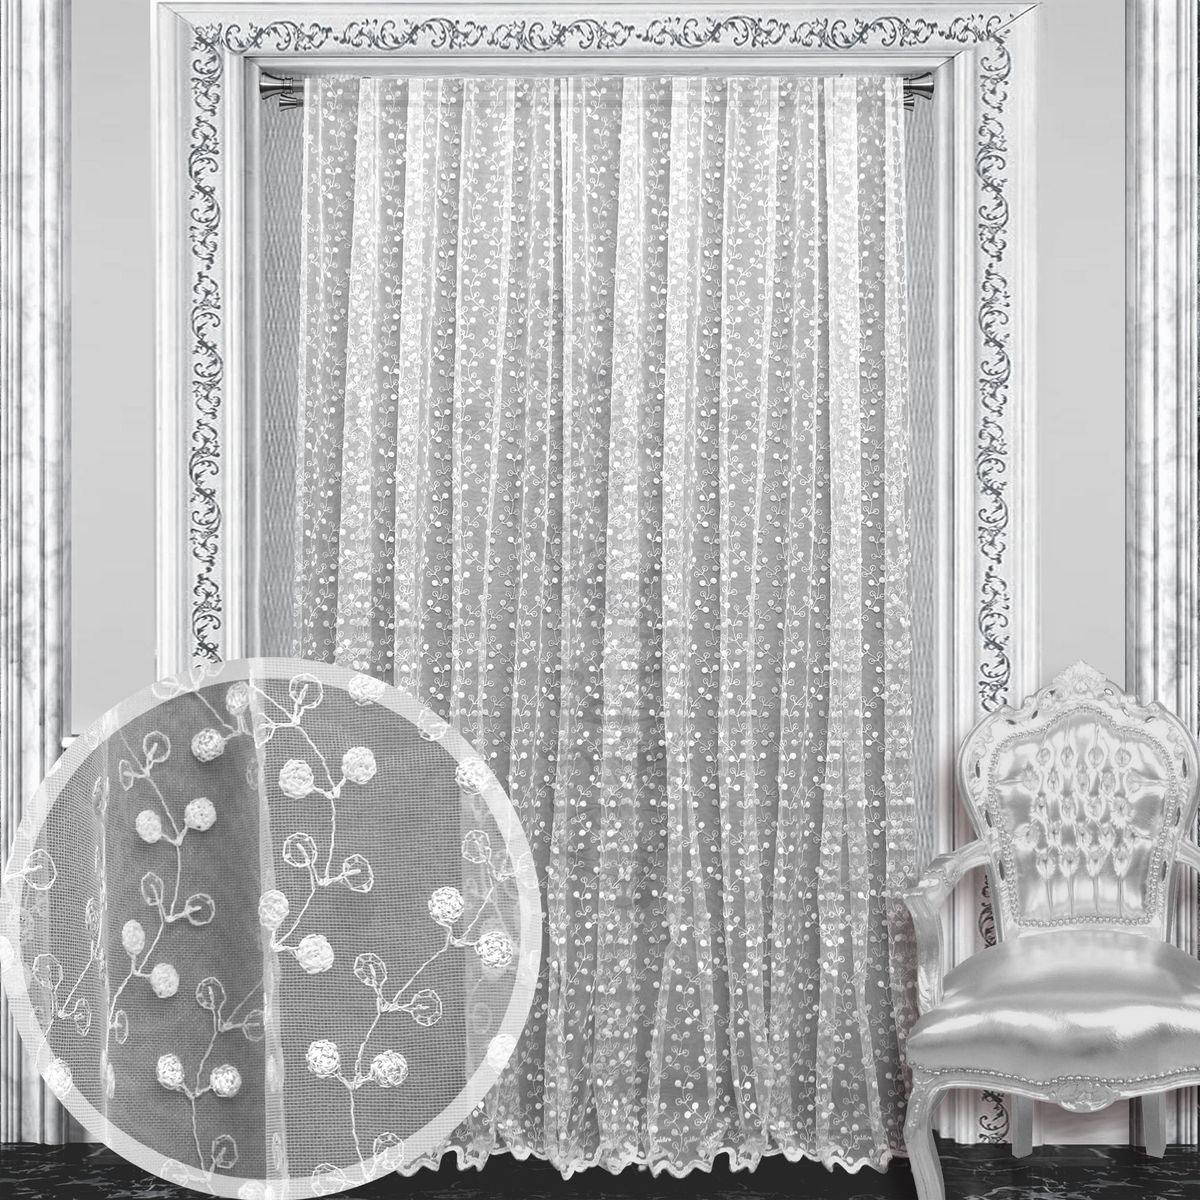 Тюль Amore Mio, на ленте, цвет: белый, высота 270 см. 8611286112Тюль Amore Mio изготовлен из 100% полиэстера. Воздушная ткань привлечет к себе внимание и идеально оформит интерьер любого помещения. Полиэстер - вид ткани, состоящий из полиэфирных волокон. Ткани из полиэстера легкие, прочные и износостойкие. Такие изделия не требуют специального ухода, не пылятся и почти не мнутся.Крепление к карнизу осуществляется при помощи вшитой шторной ленты.